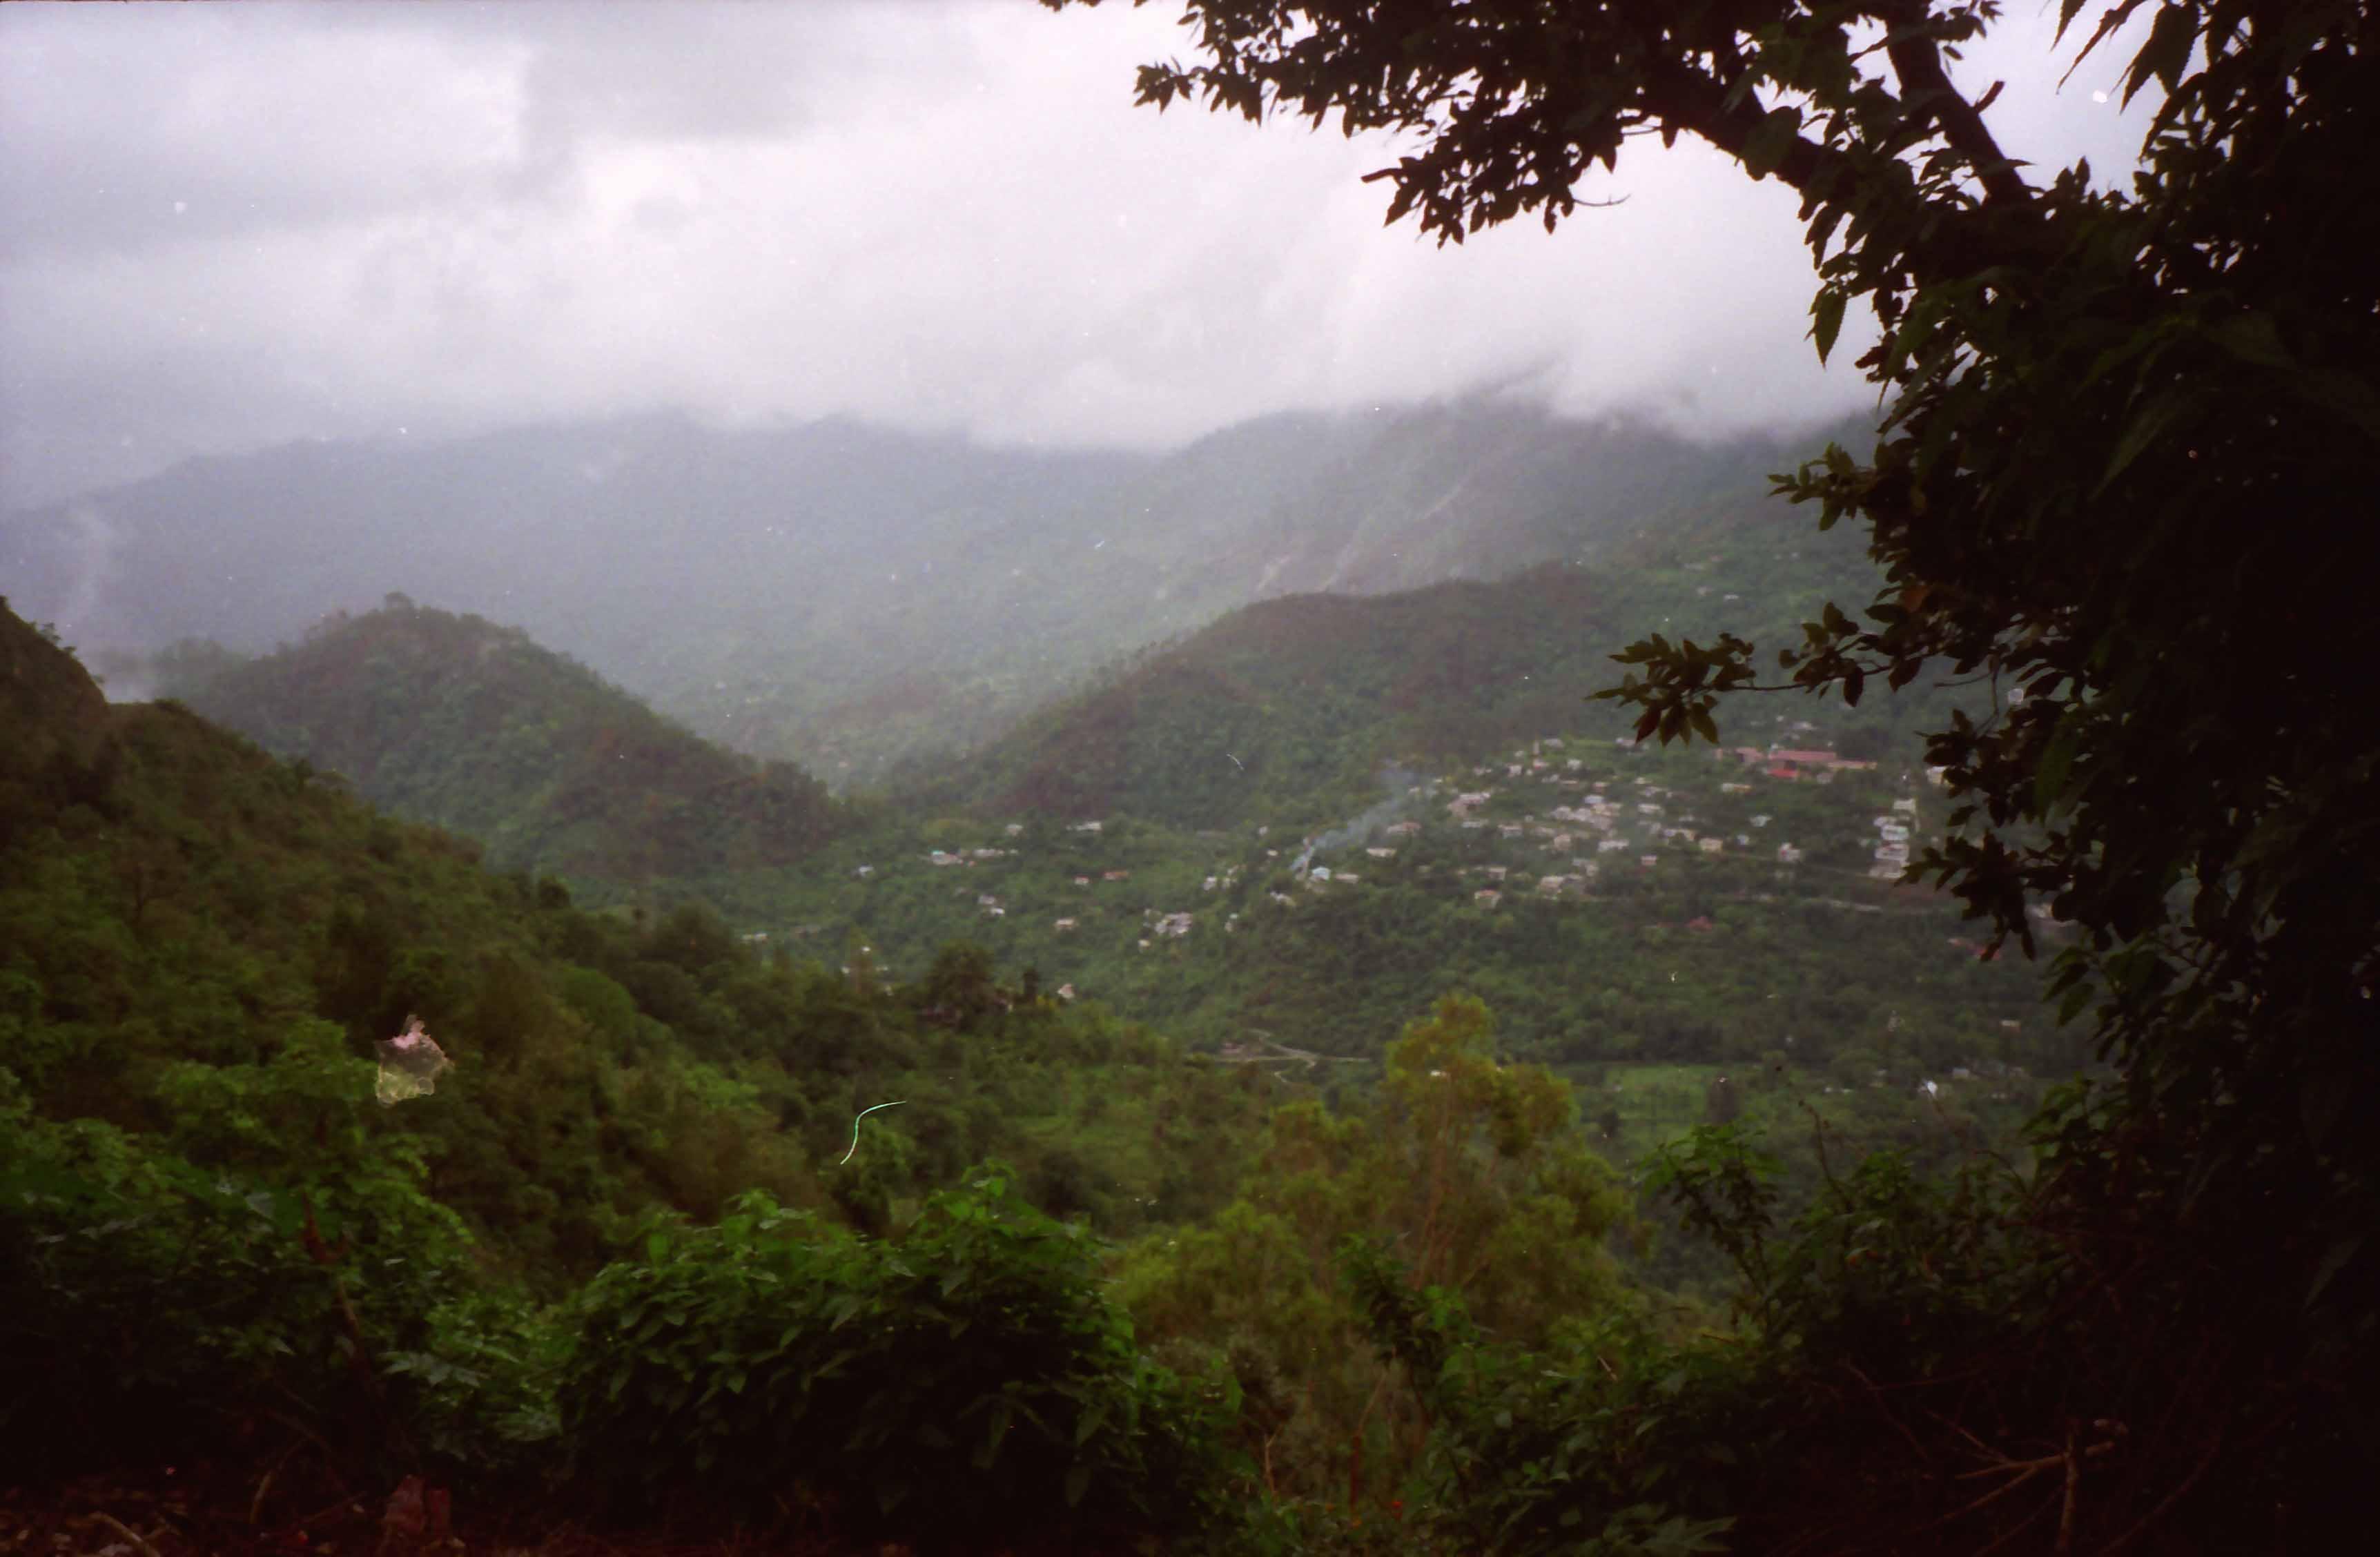 Kausani and ranikhet mighty himalayan view ghumakkar inspiring